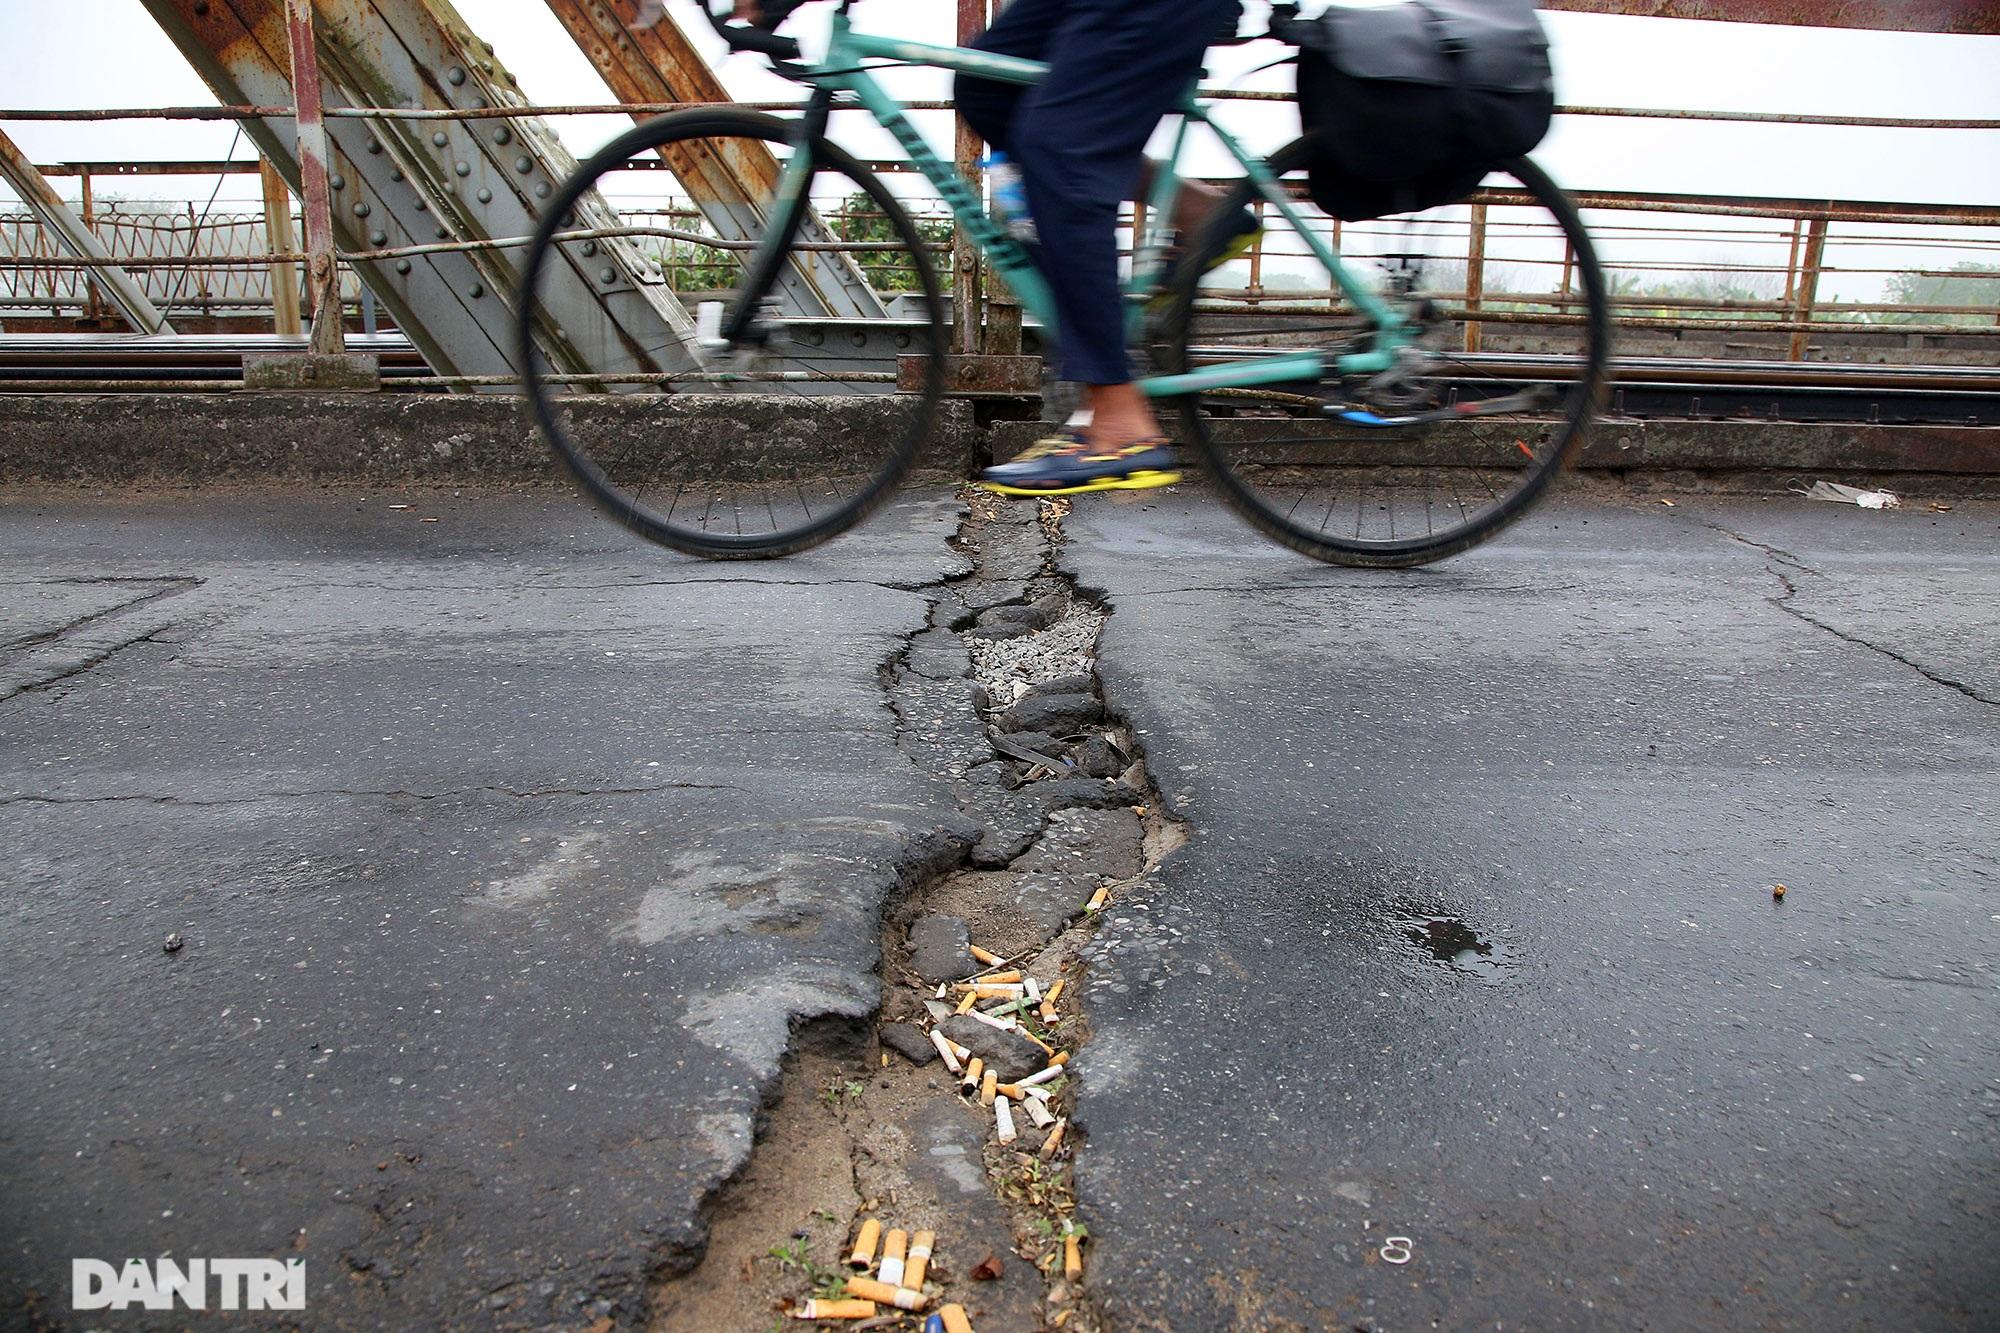 Cầu Long Biên như bị bỏ rơi, gỉ sét xuống cấp nghiêm trọng - 3